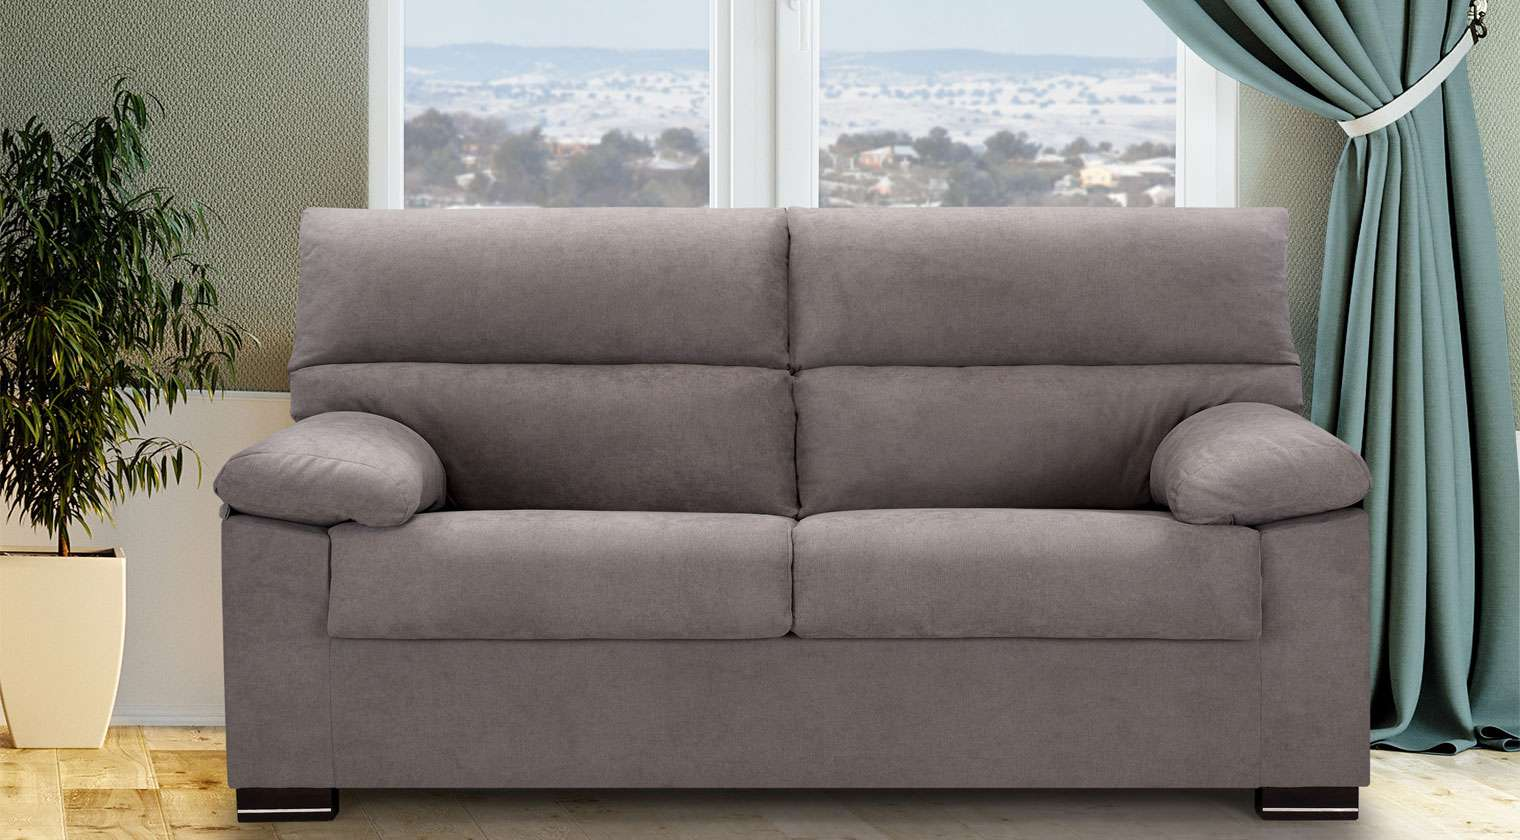 Sof tela herm s sofas de tela - Sofas de tela ...